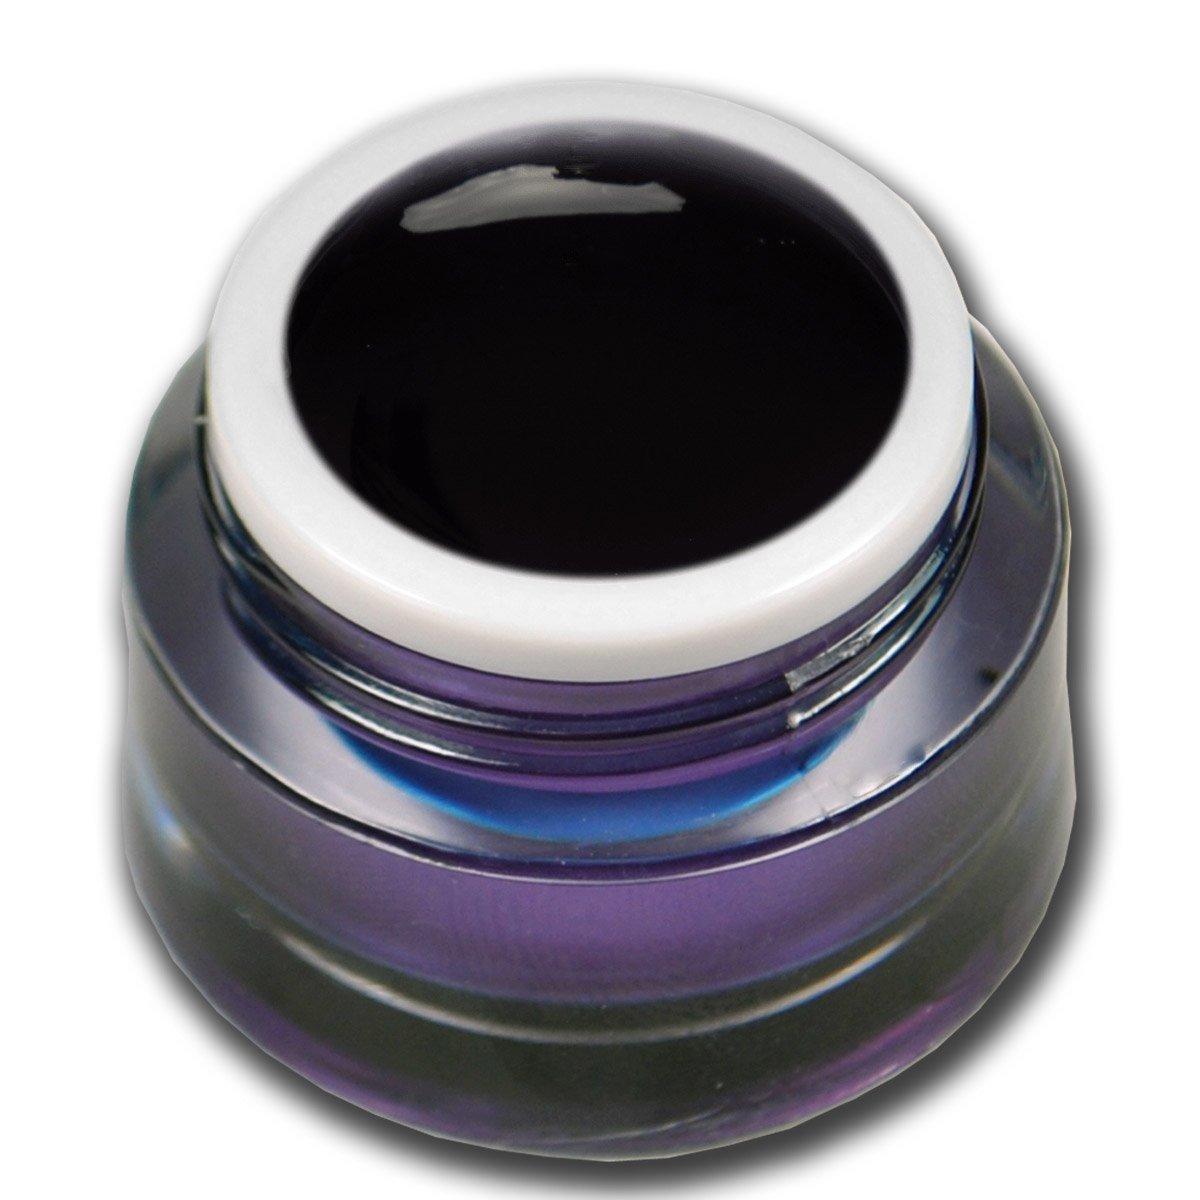 Premium Gel vetro colorato nero 5ml Gel UV Unghie Nail Art